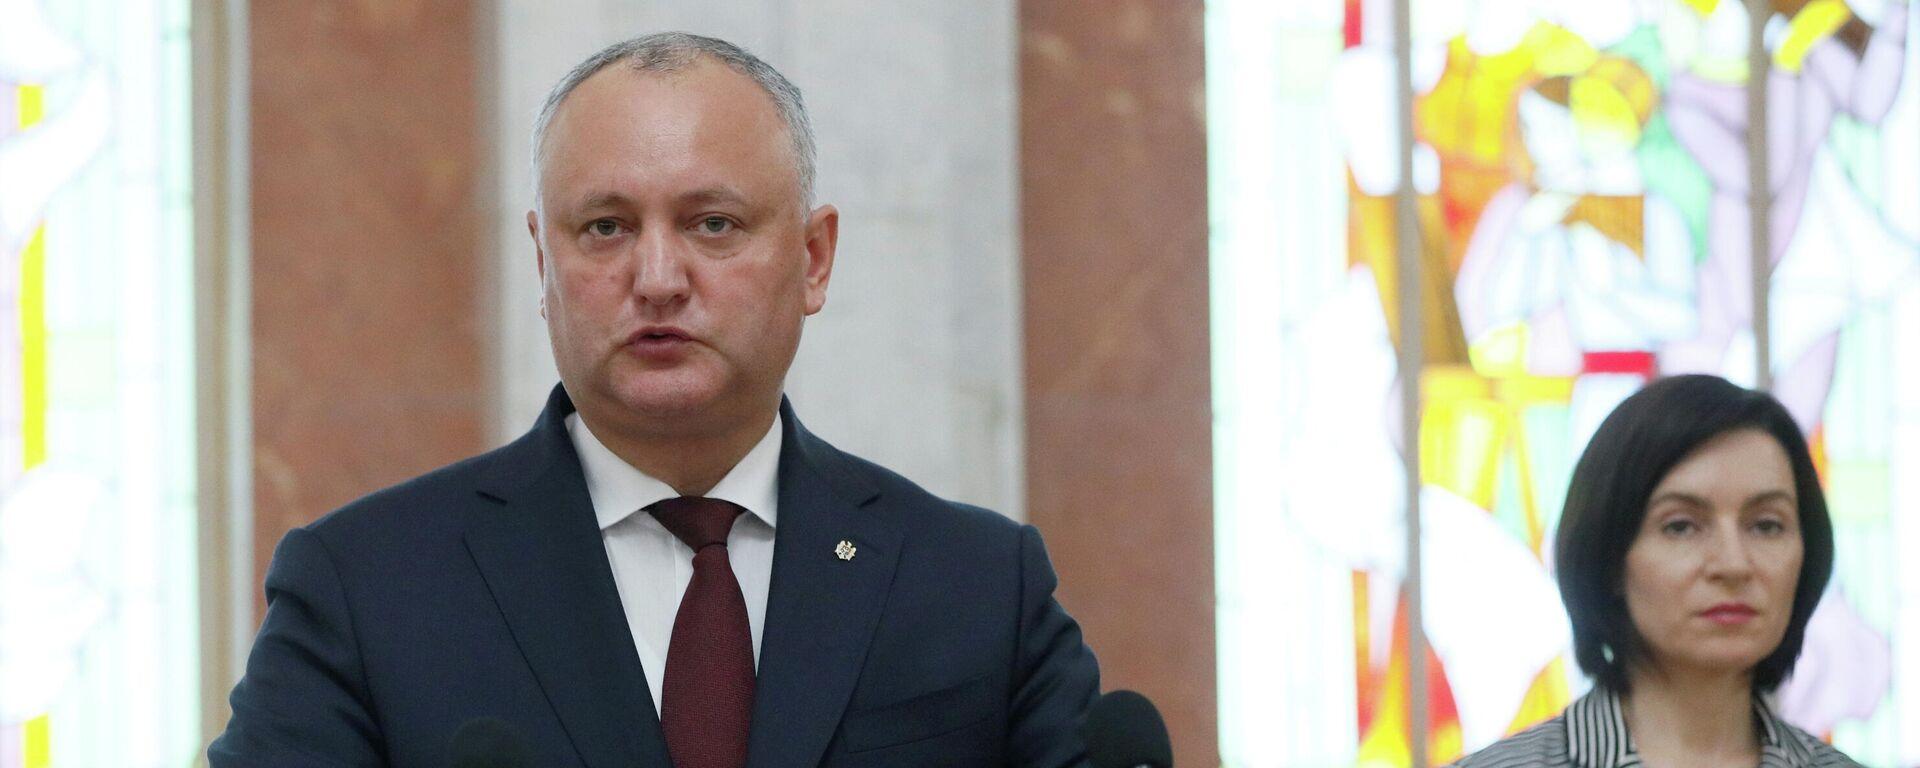 Igor Dodon, líder del Partido de Socialistas de la República de Moldavia (PSRM) y exmandatario del país - Sputnik Mundo, 1920, 21.05.2021